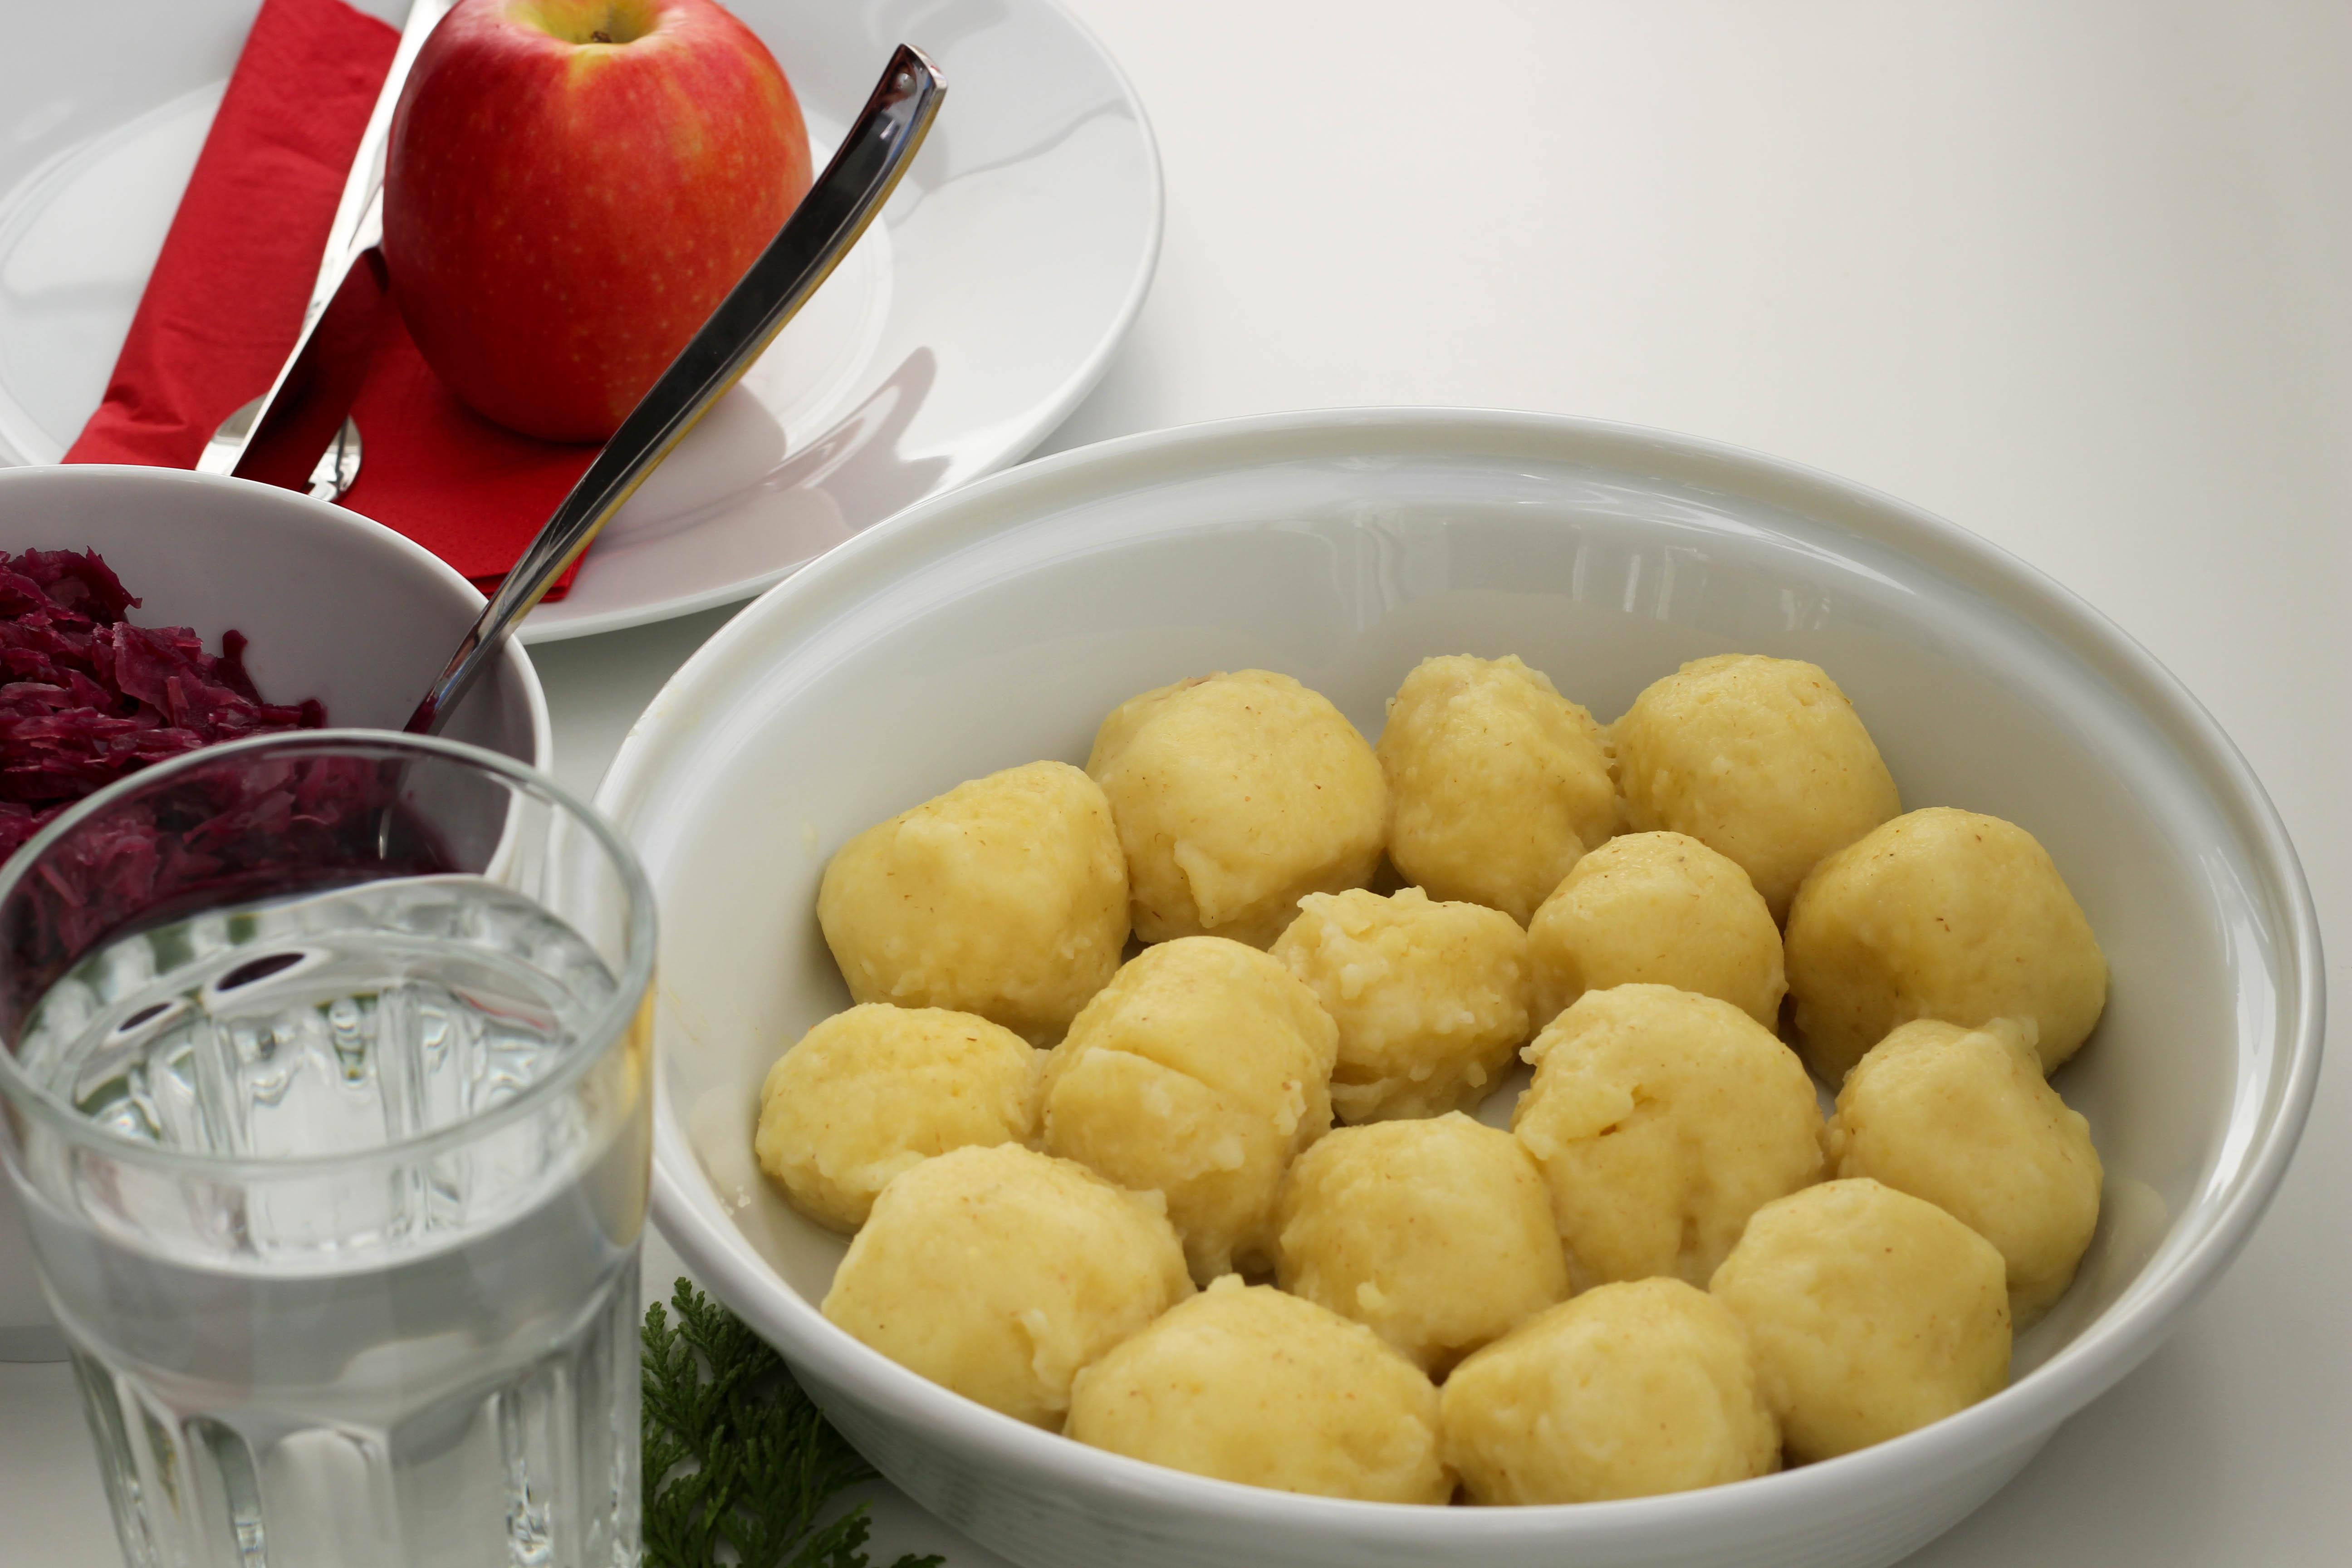 vegan-toforagout-pflaumen-weihnachten-advent-kartoffelknoedel-rotkraut-soulfood-homespa-plantbased-1-von-1